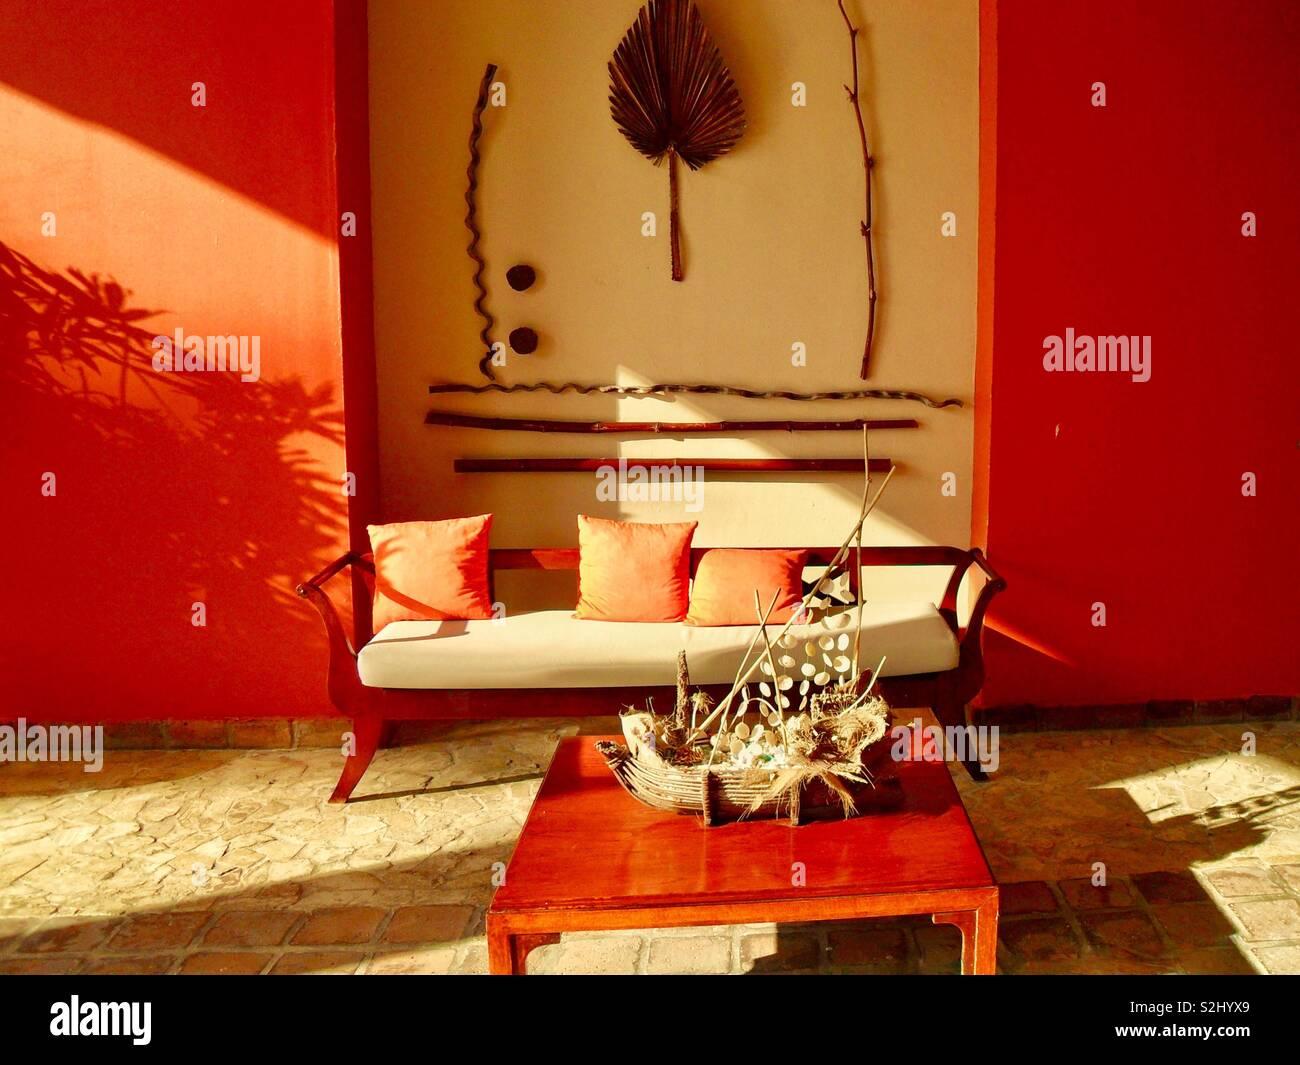 Vuoto lo spazio vivente con decorazioni tribali e colori forti Foto Stock